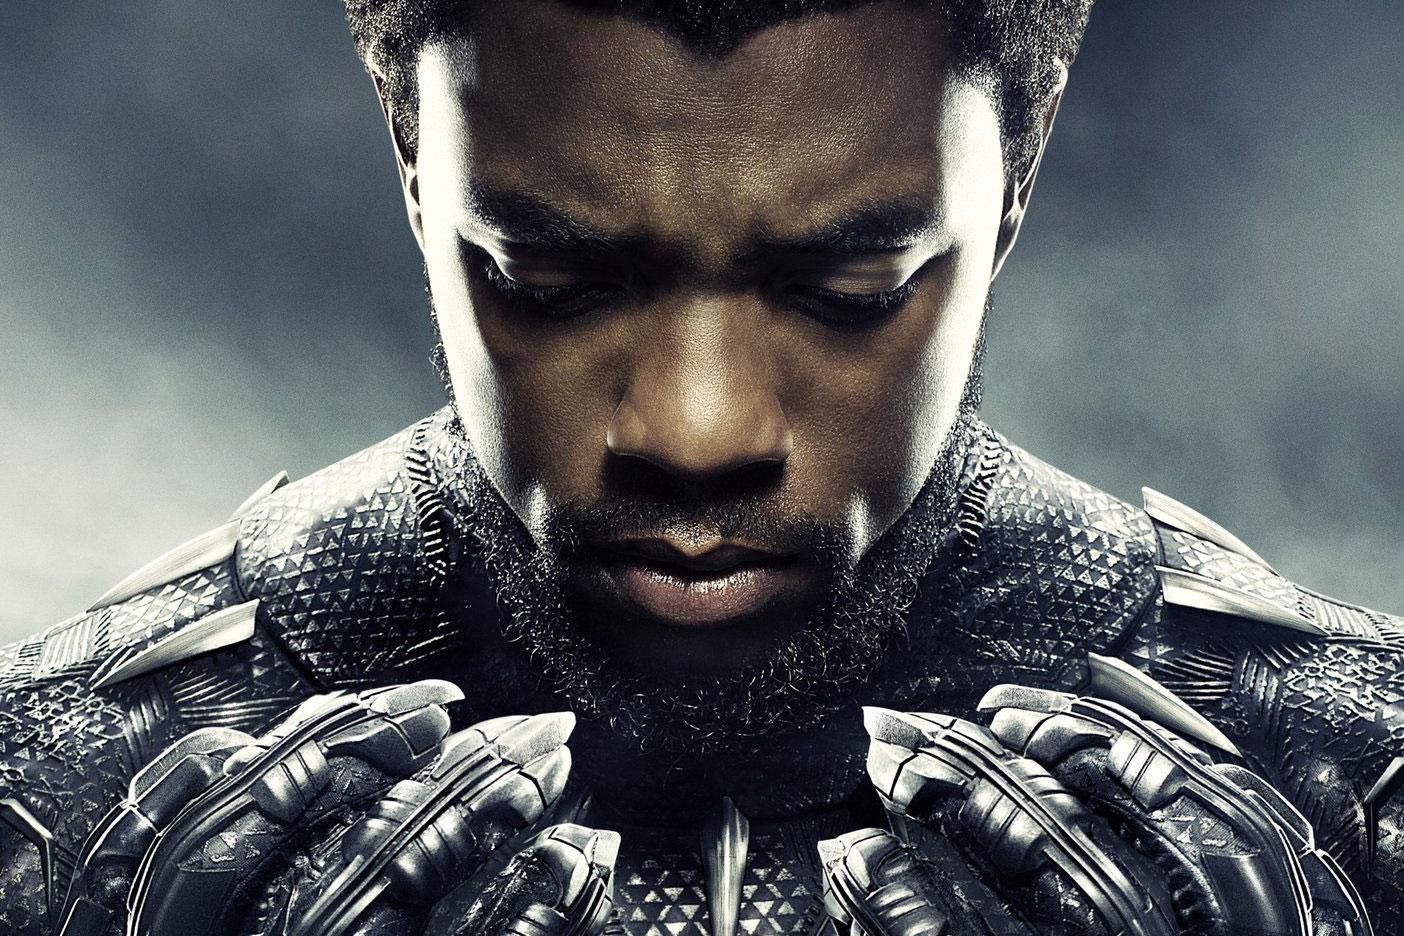 『ブラックパンサー』はジェームズ・ボンドの影響を受けている - 監督が明かす。